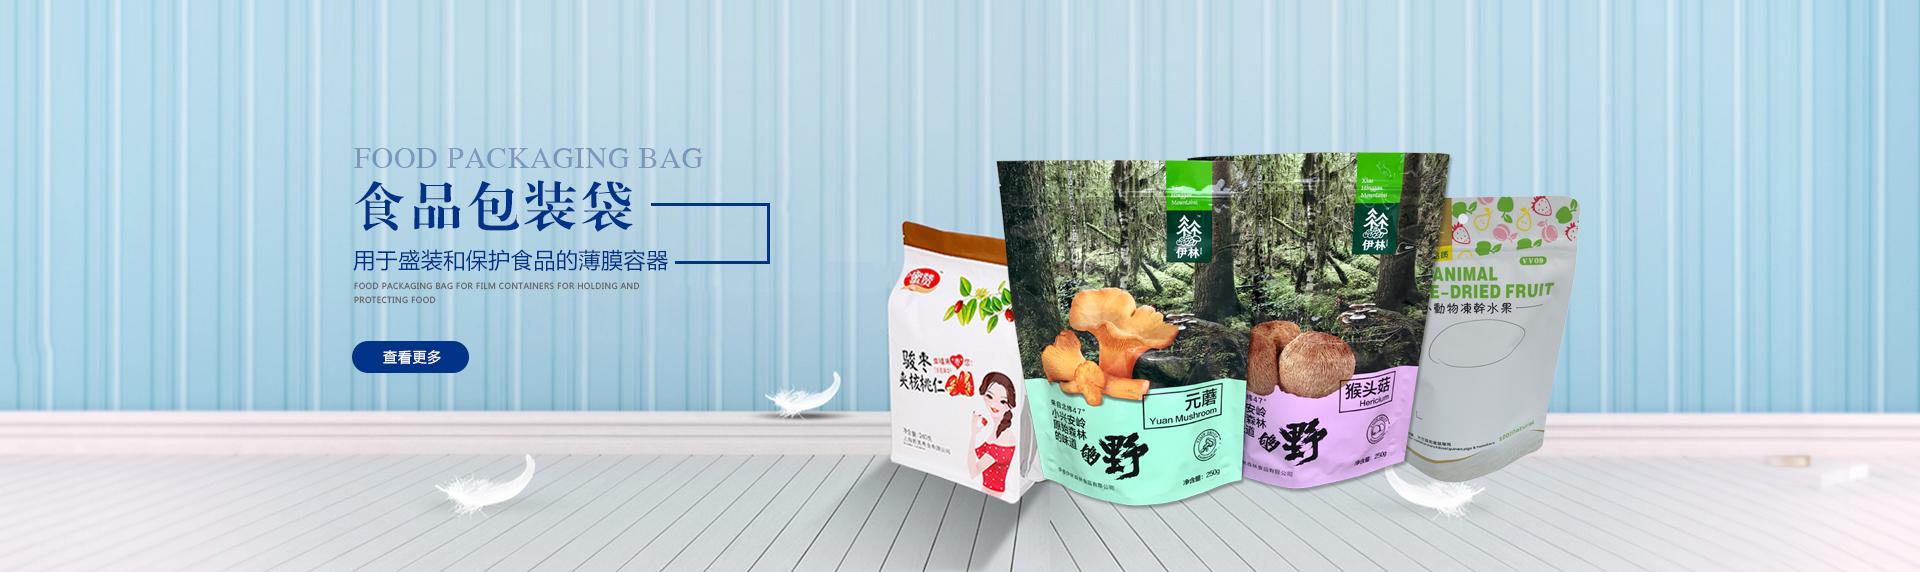 母乳保鮮袋_液體包裝袋